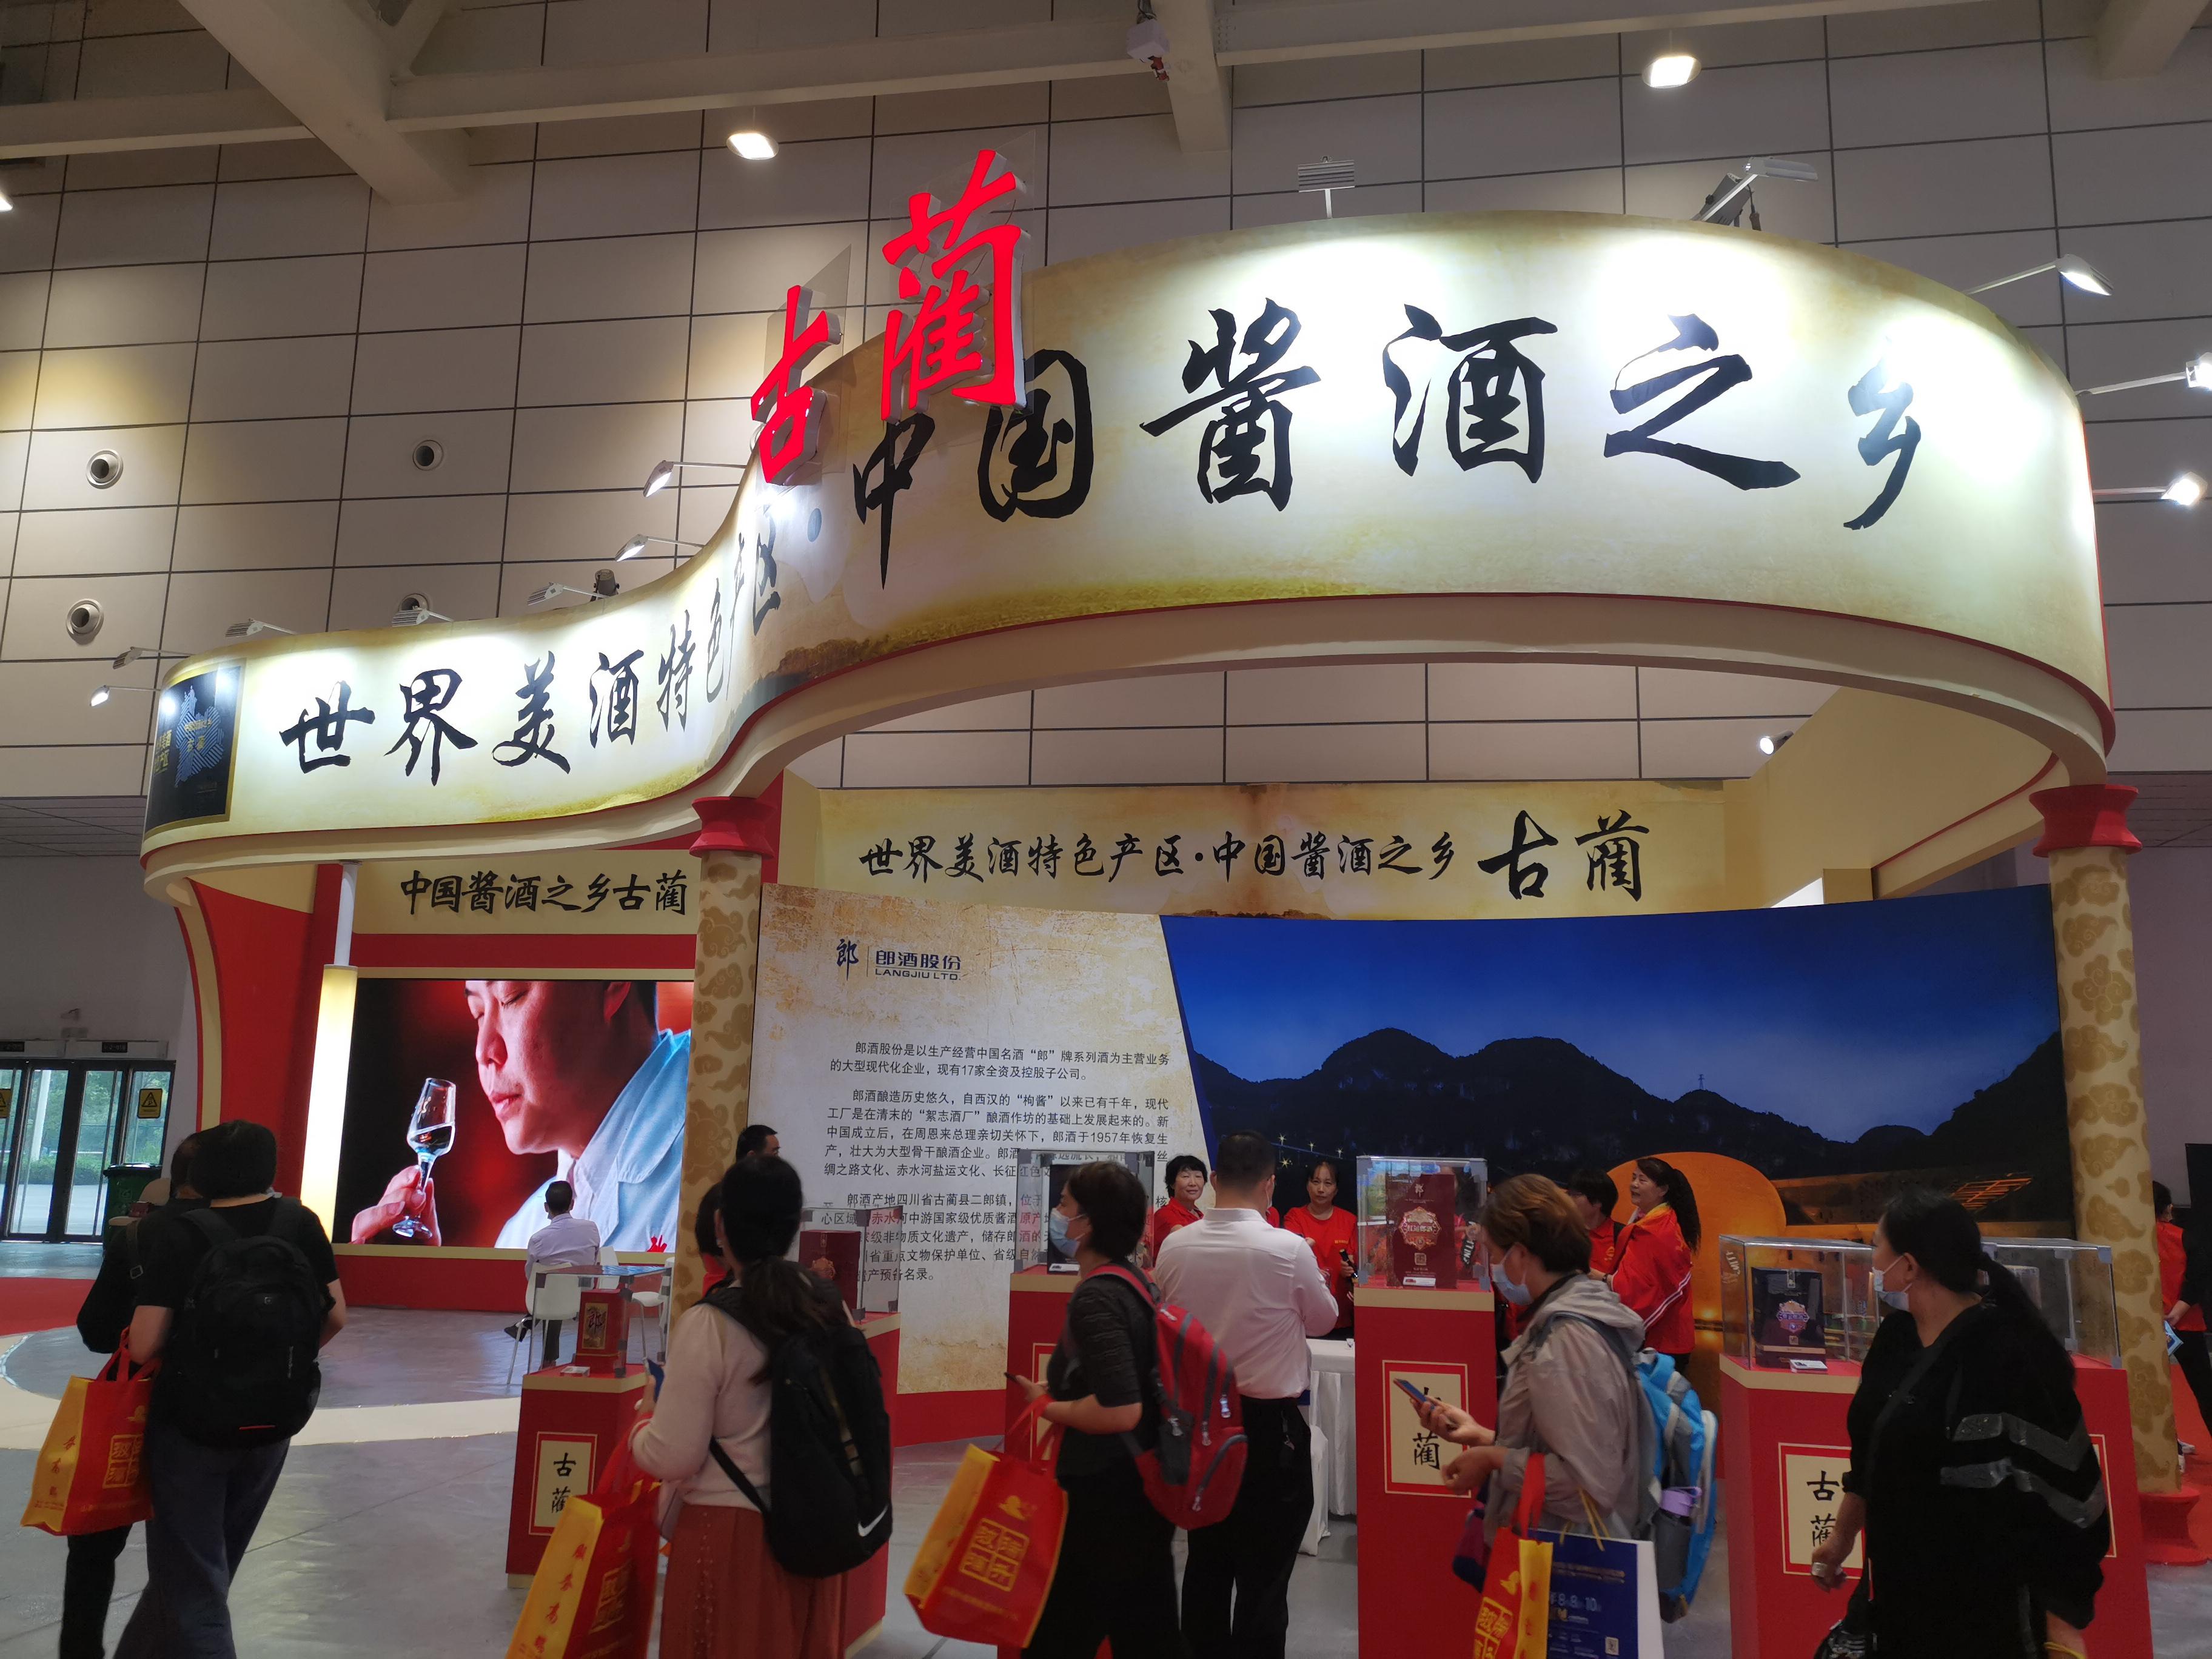 中国酱酒之乡古蔺抱团参加中酒展